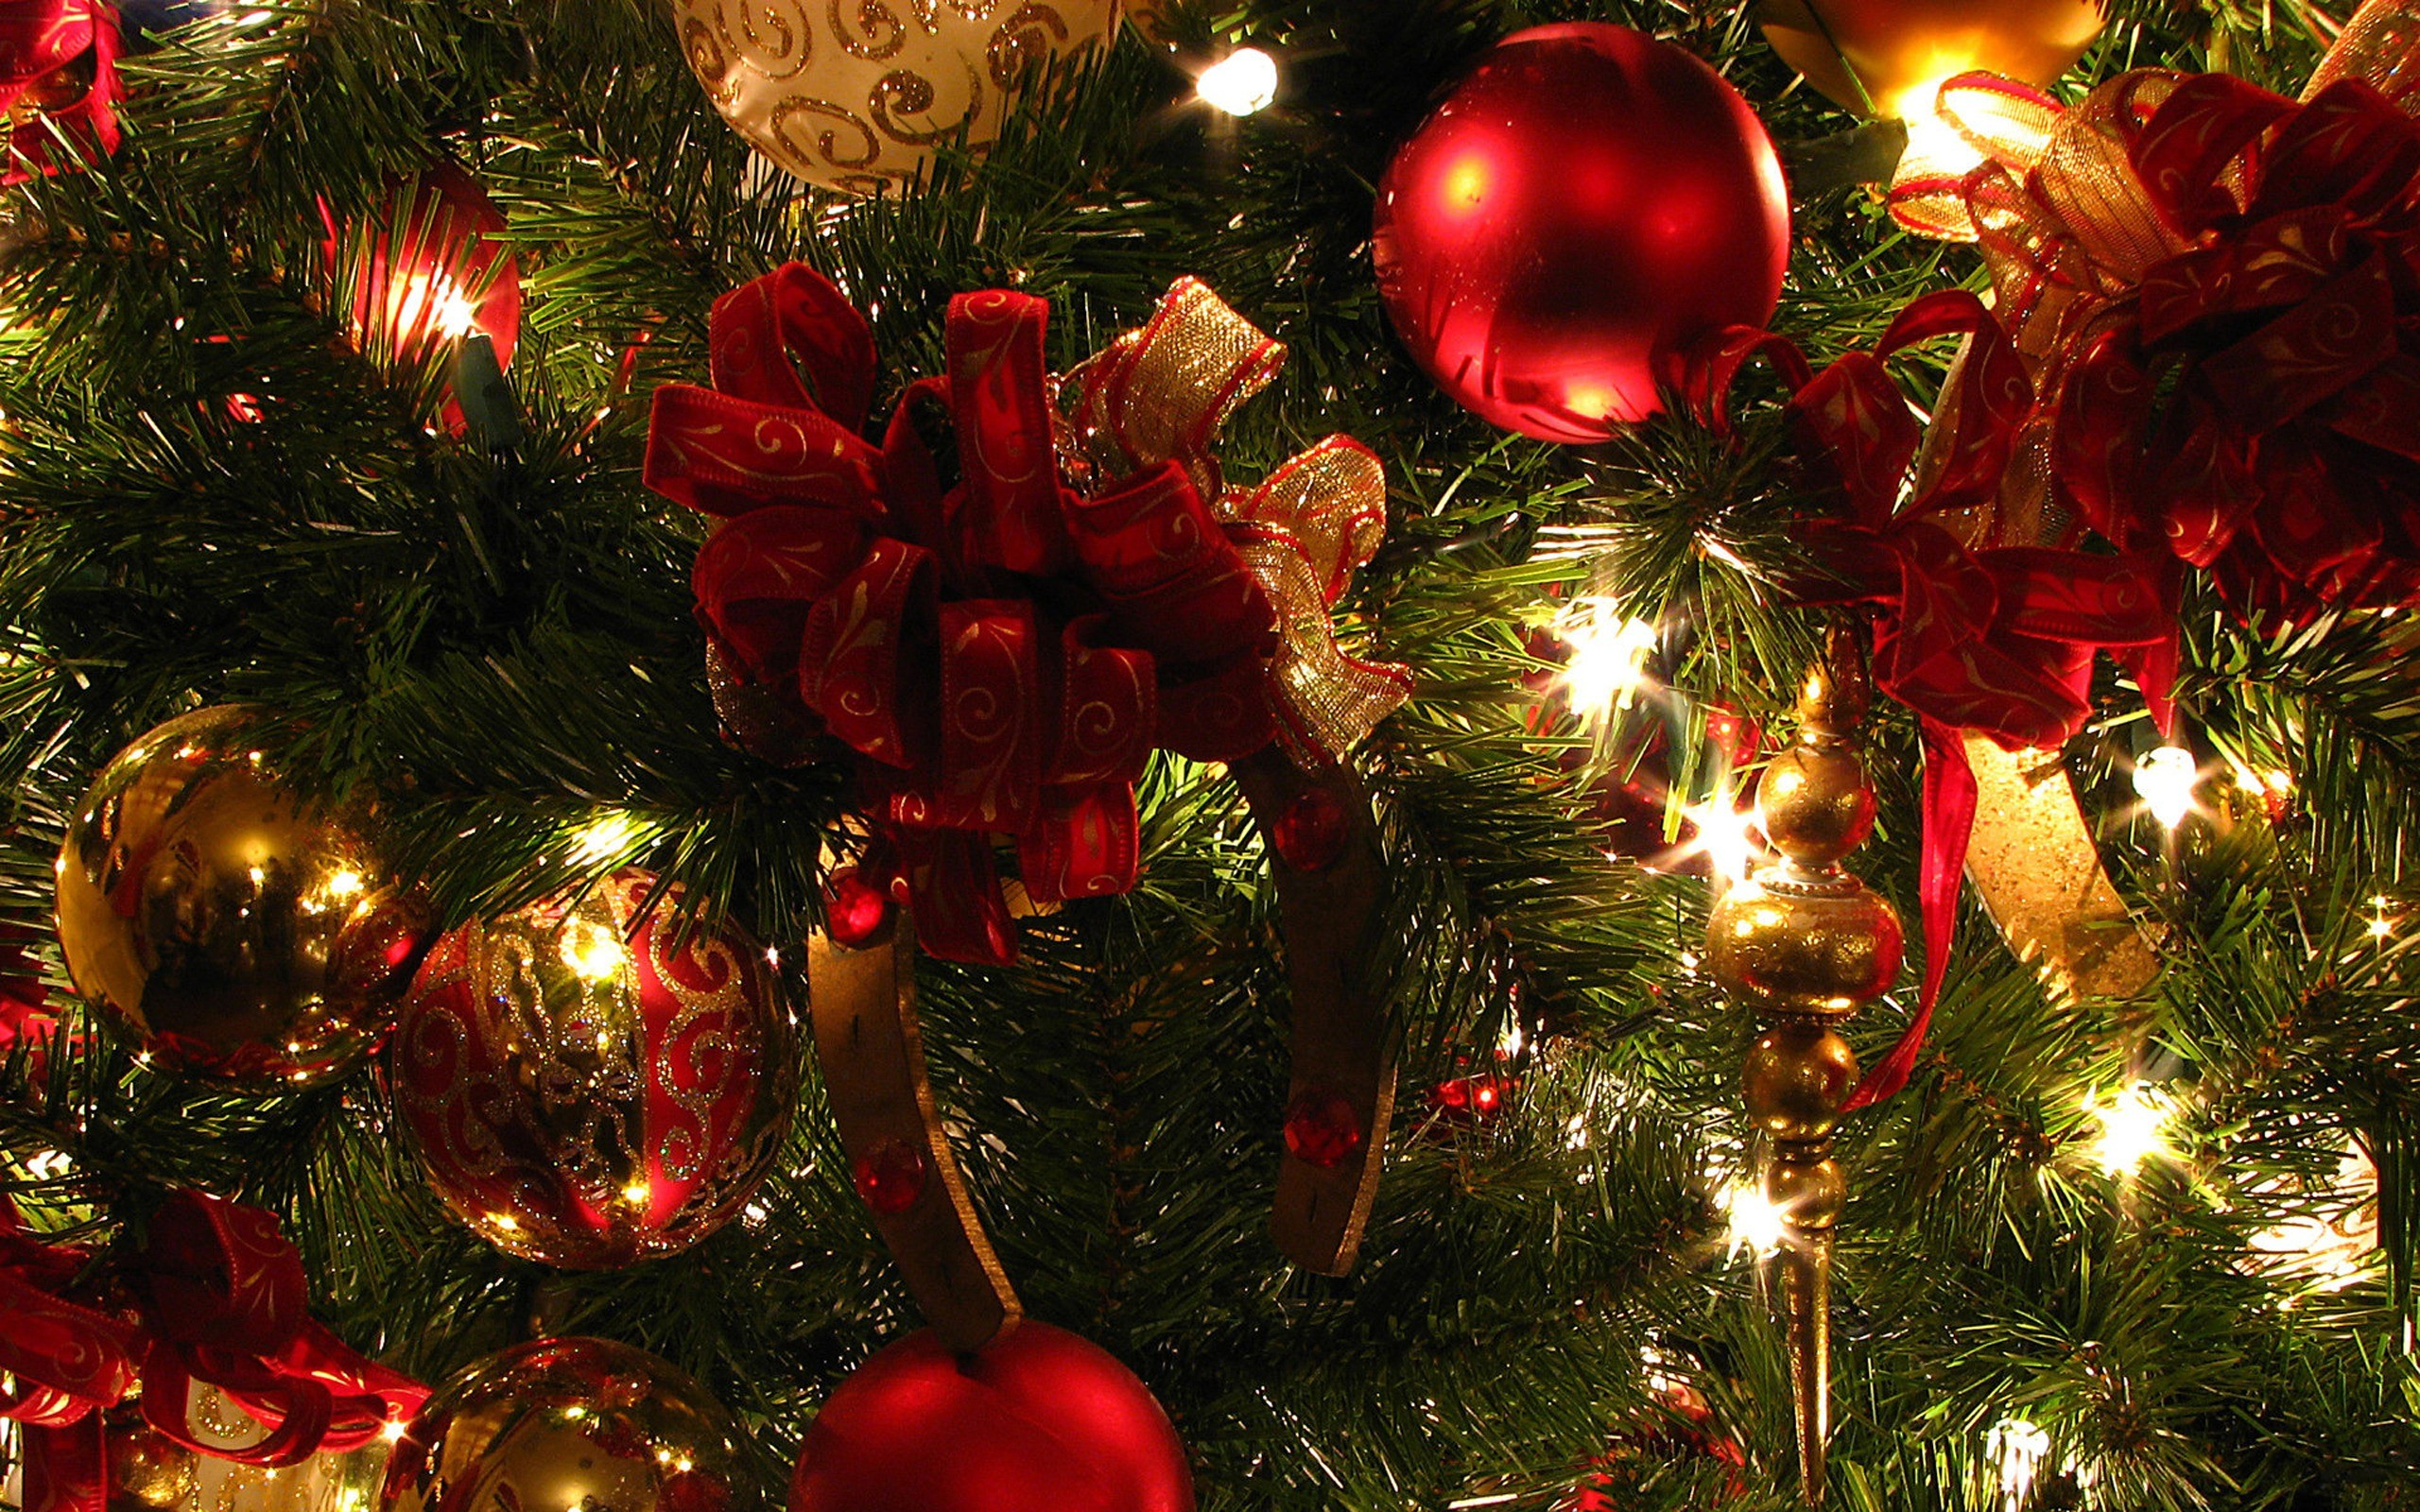 Μια νύχτα Χριστουγέννων